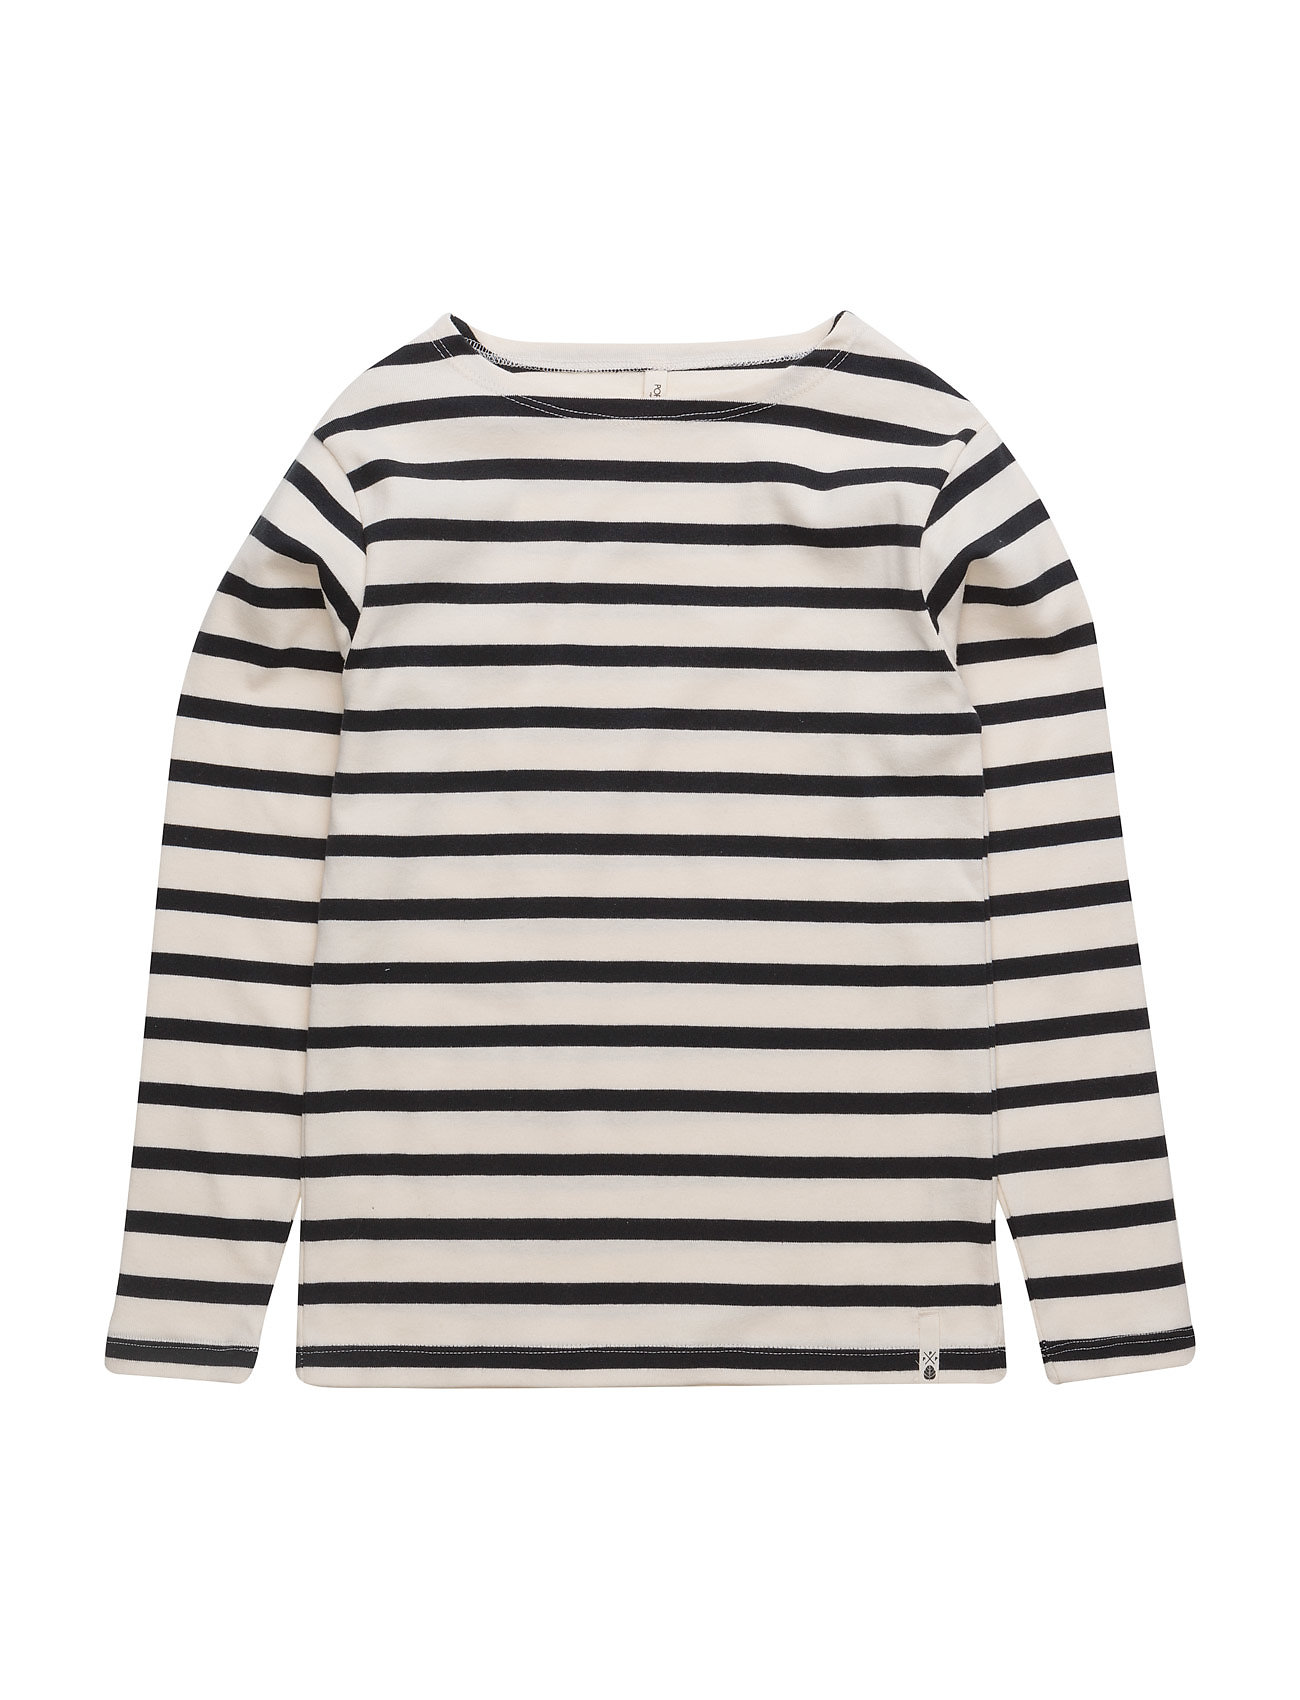 Maritime Tee Ls Popupshop Langærmede t-shirts til Børn i